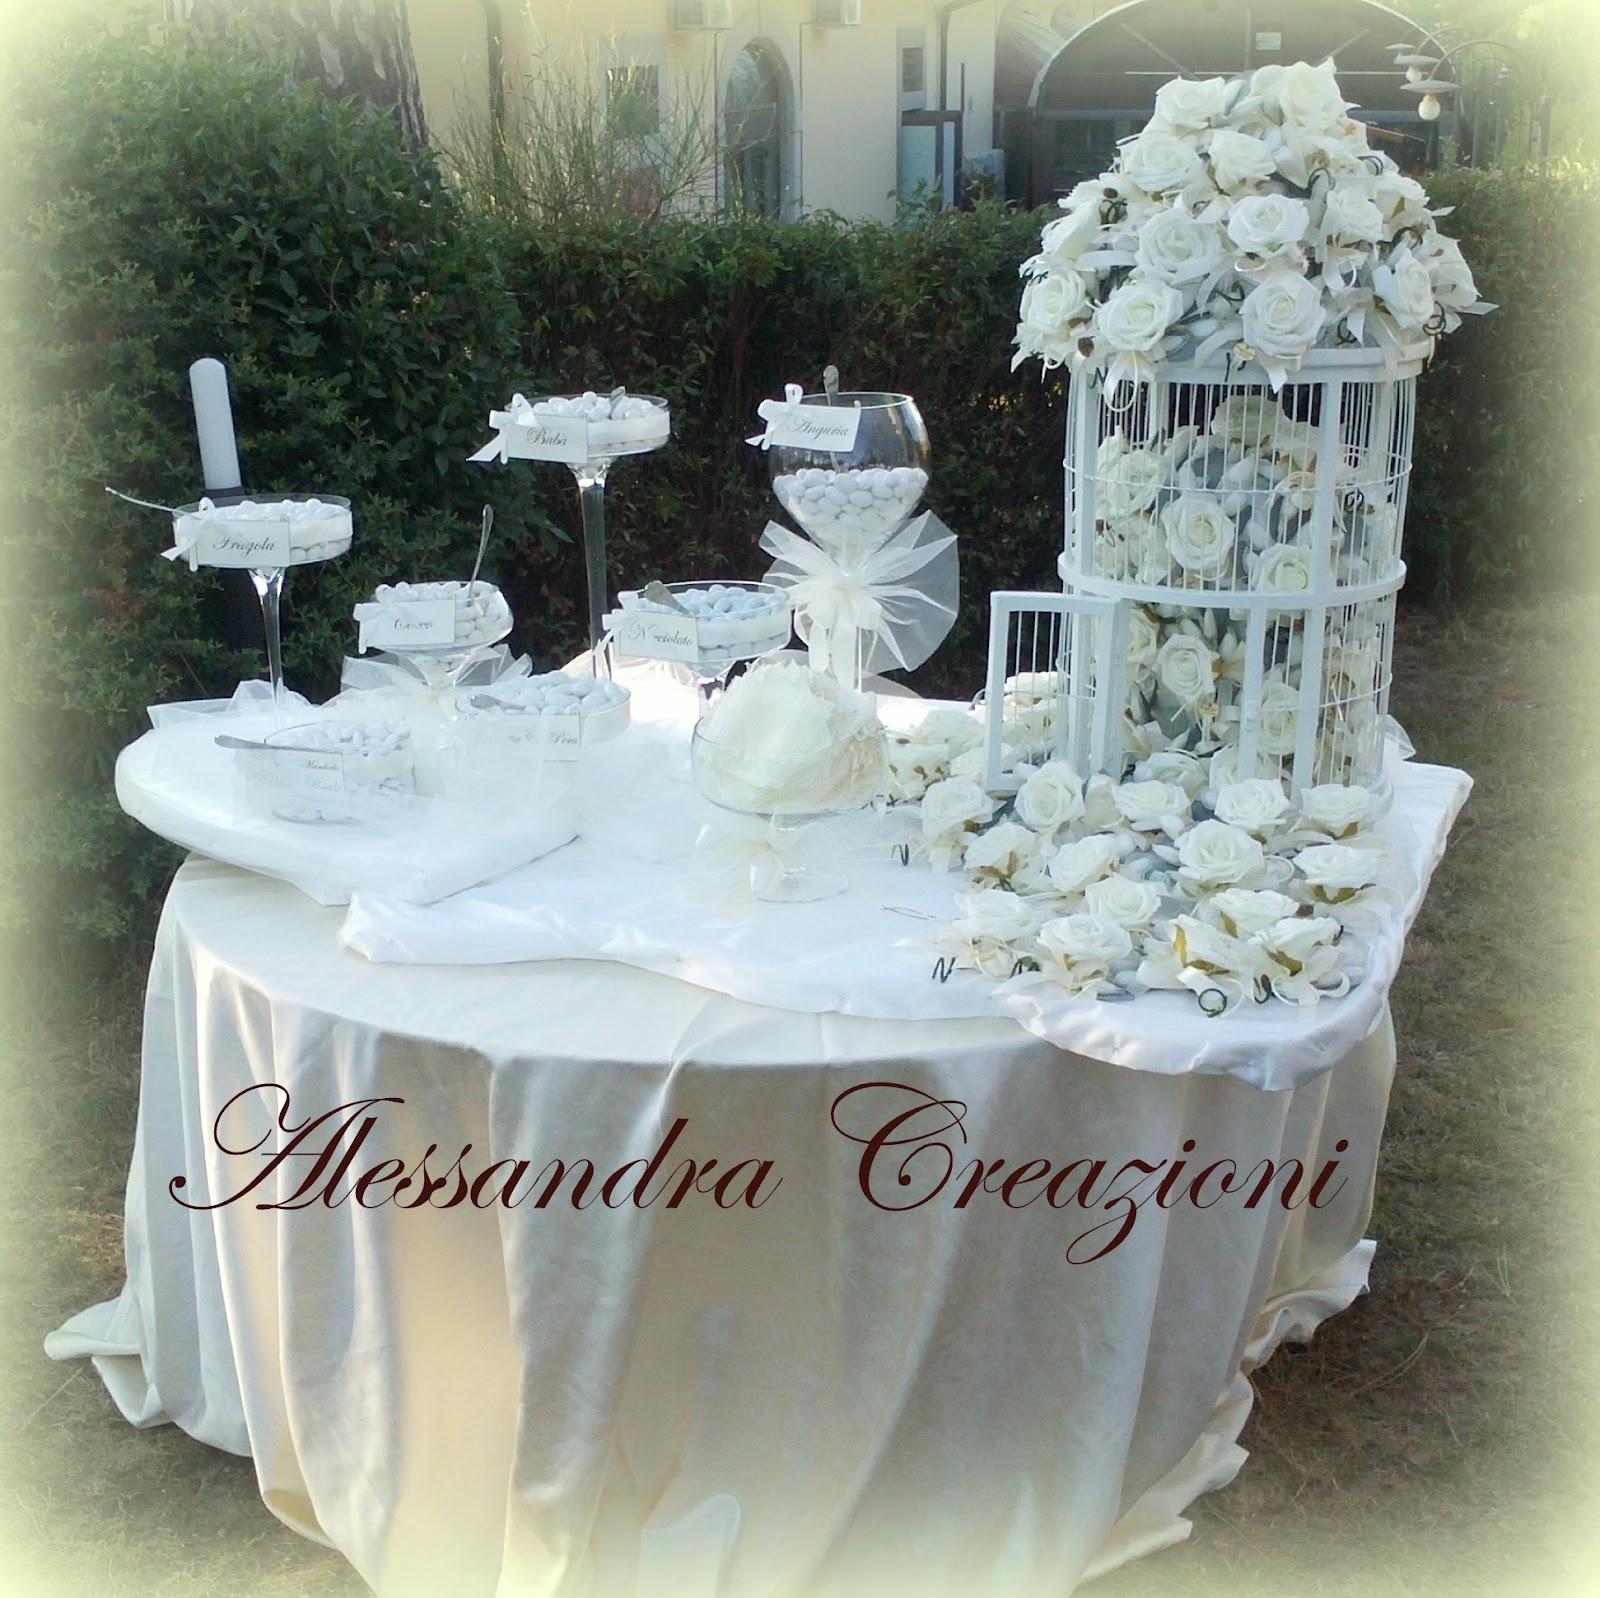 abbastanza Alessandra Creazioni: Matrimonio da Sogno  EW86